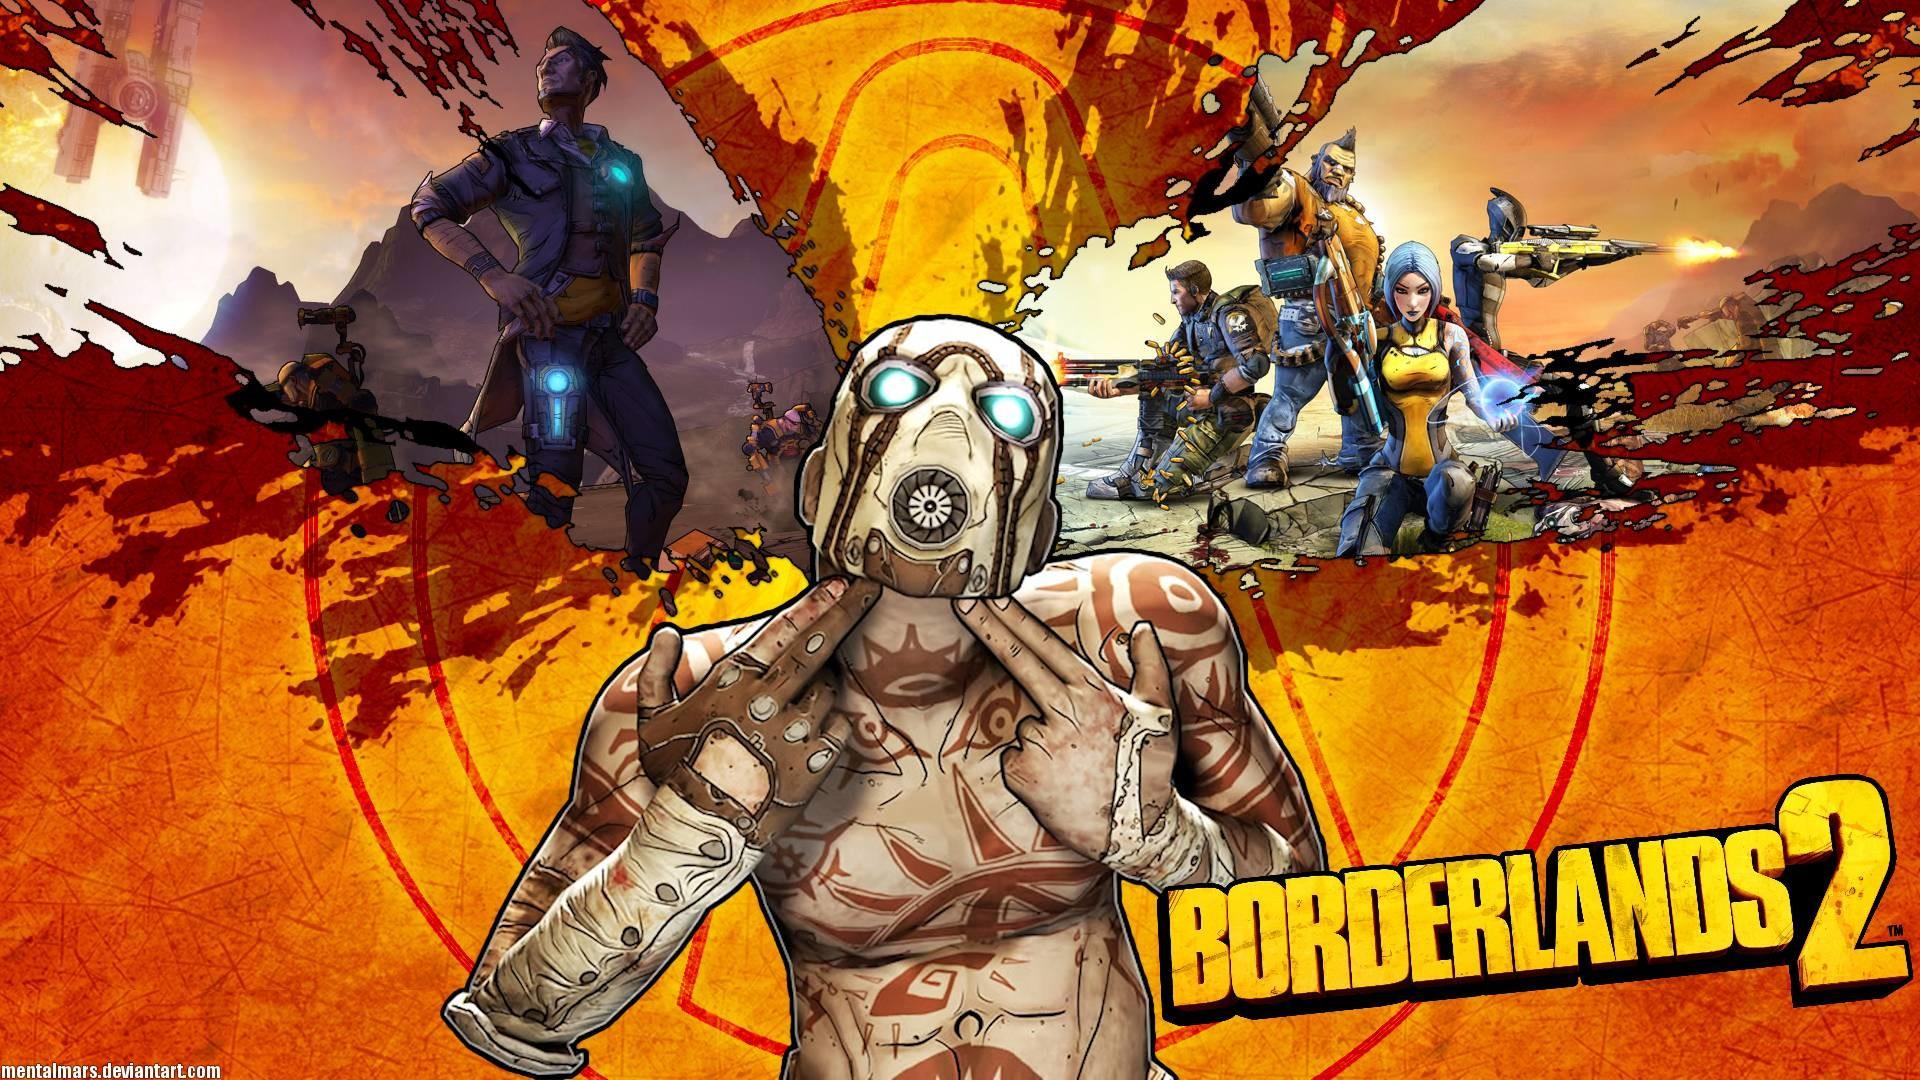 Borderlands 2 Desktop Wallpaper (79+ images)